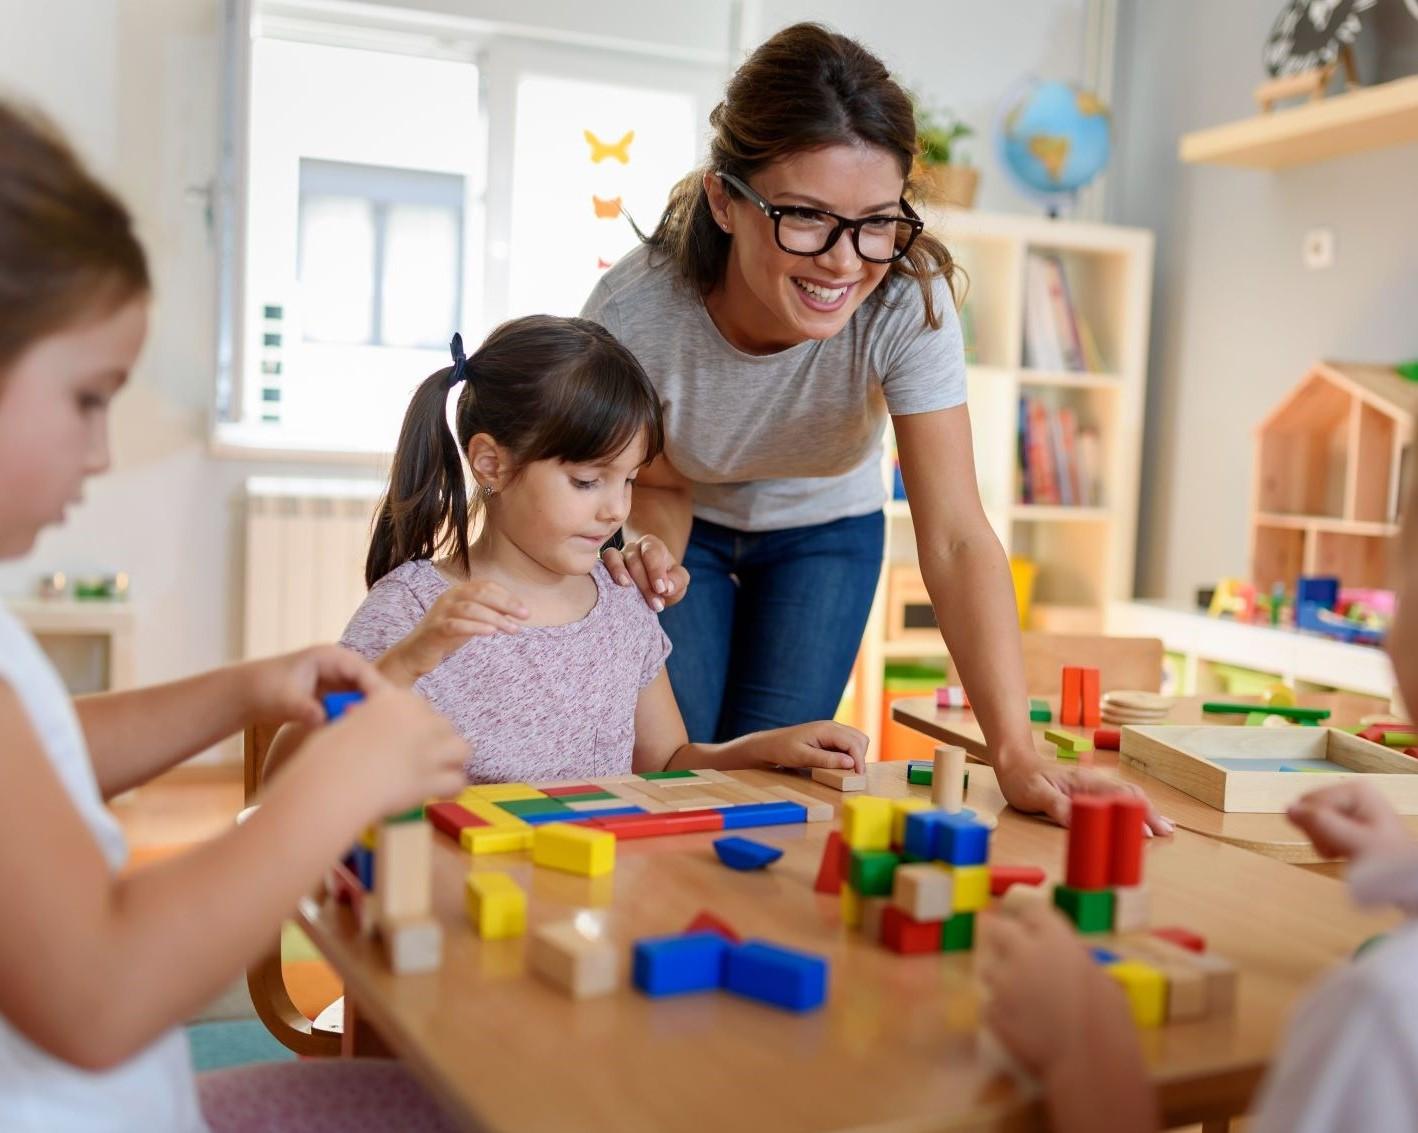 Buitenschoolse opvang: nog veel werk om maandag klaar te zijn